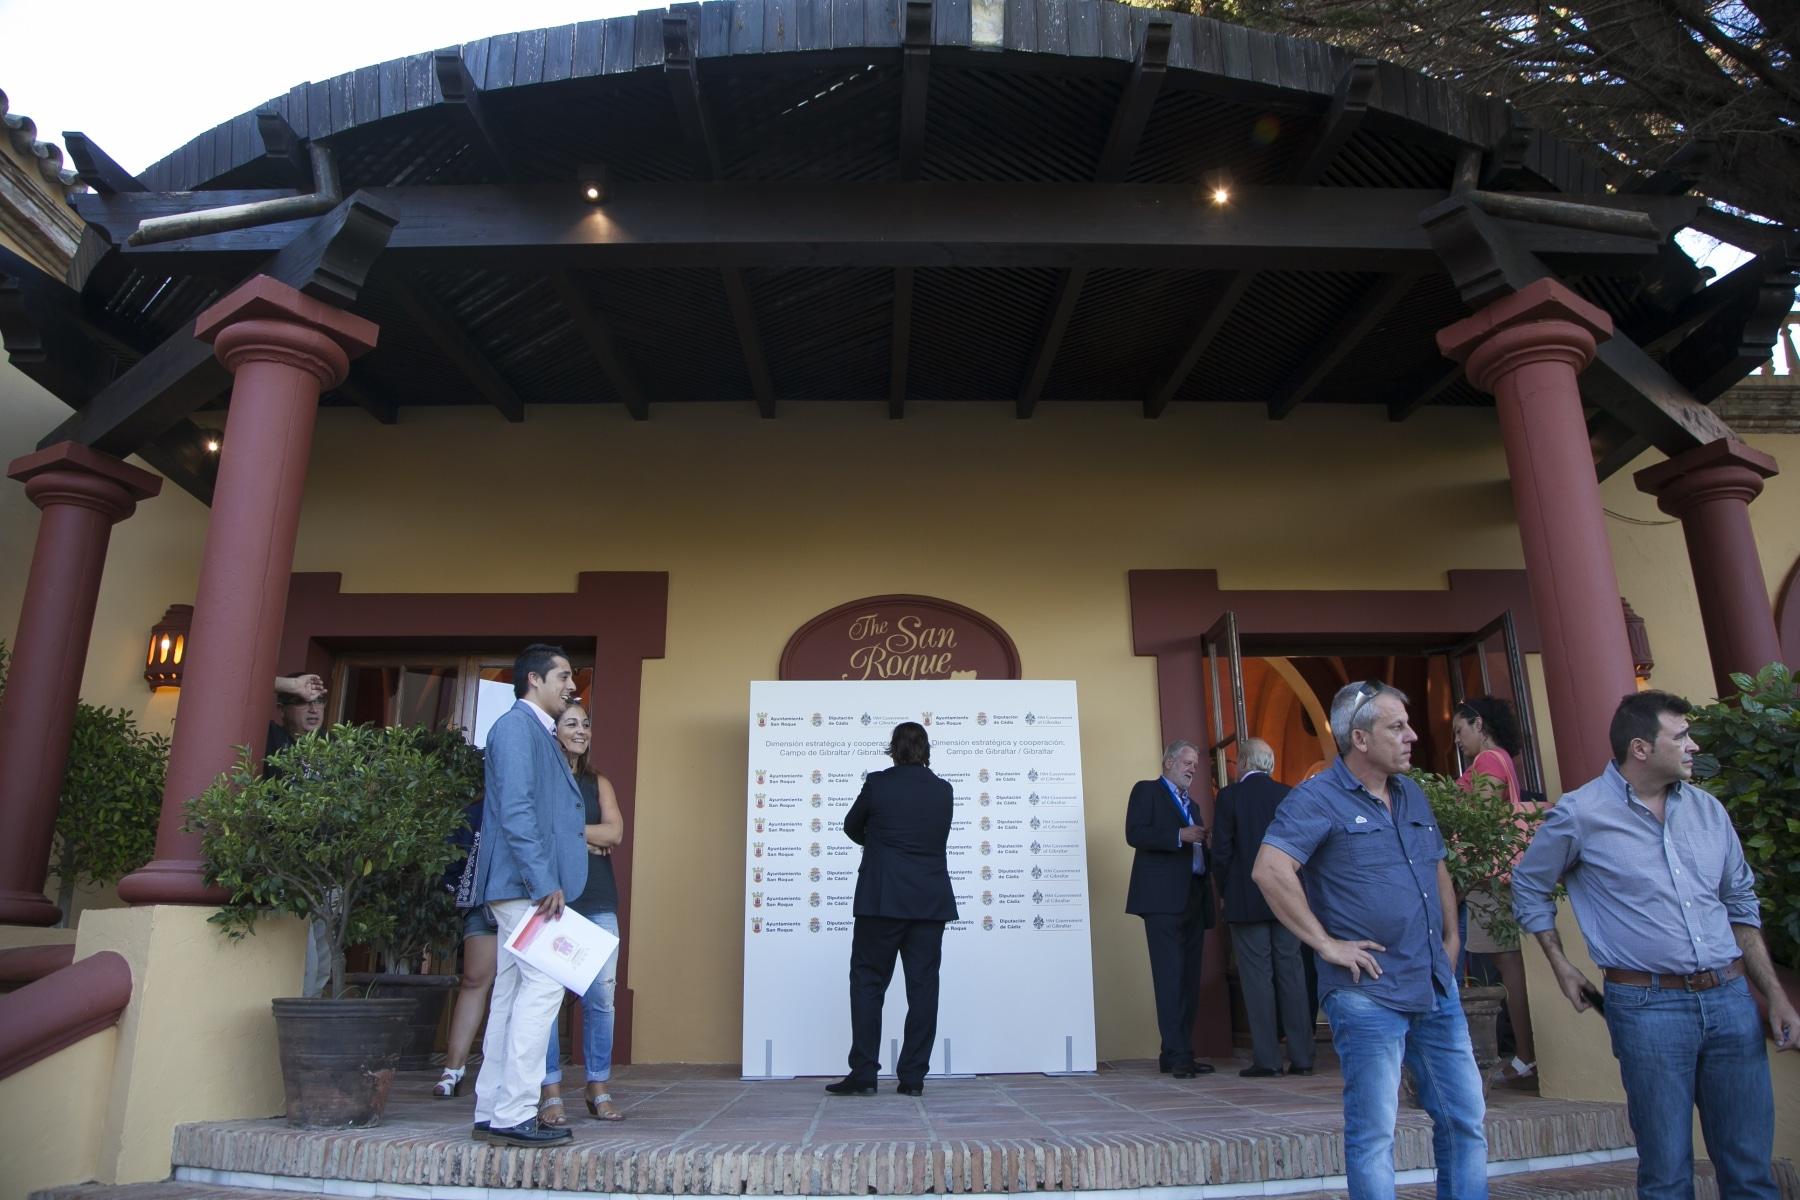 medios-de-comunicacin-e-invitados-en-la-entrada-del-san-roque-club-antes-de-la-conferencia_20803032493_o